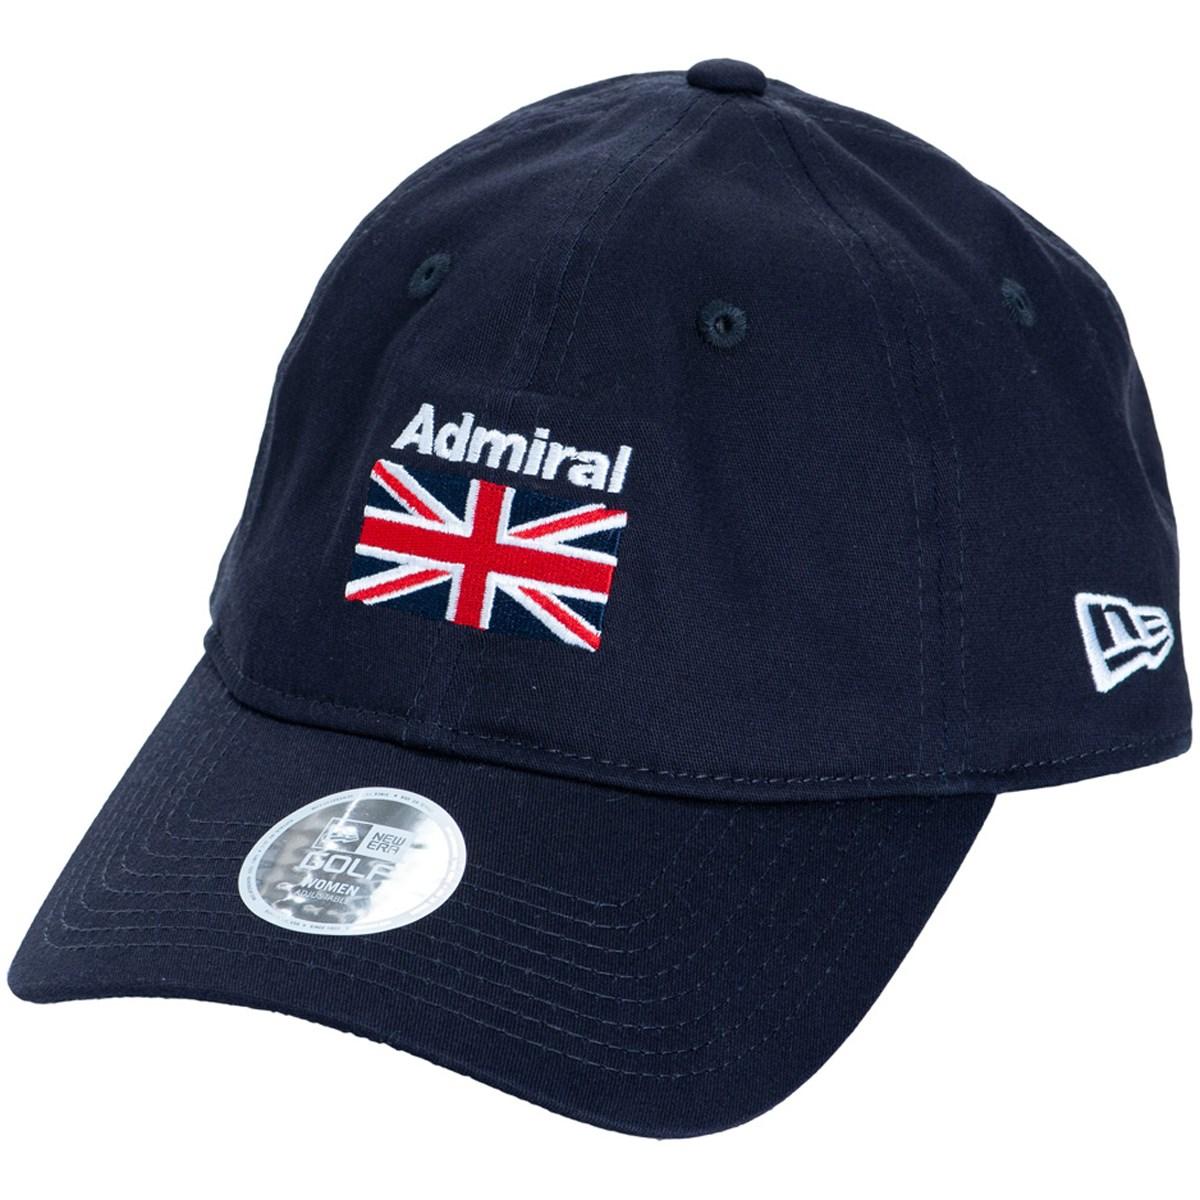 アドミラル Admiral ニューエラコラボキャップ フリー ネイビー 30 レディス